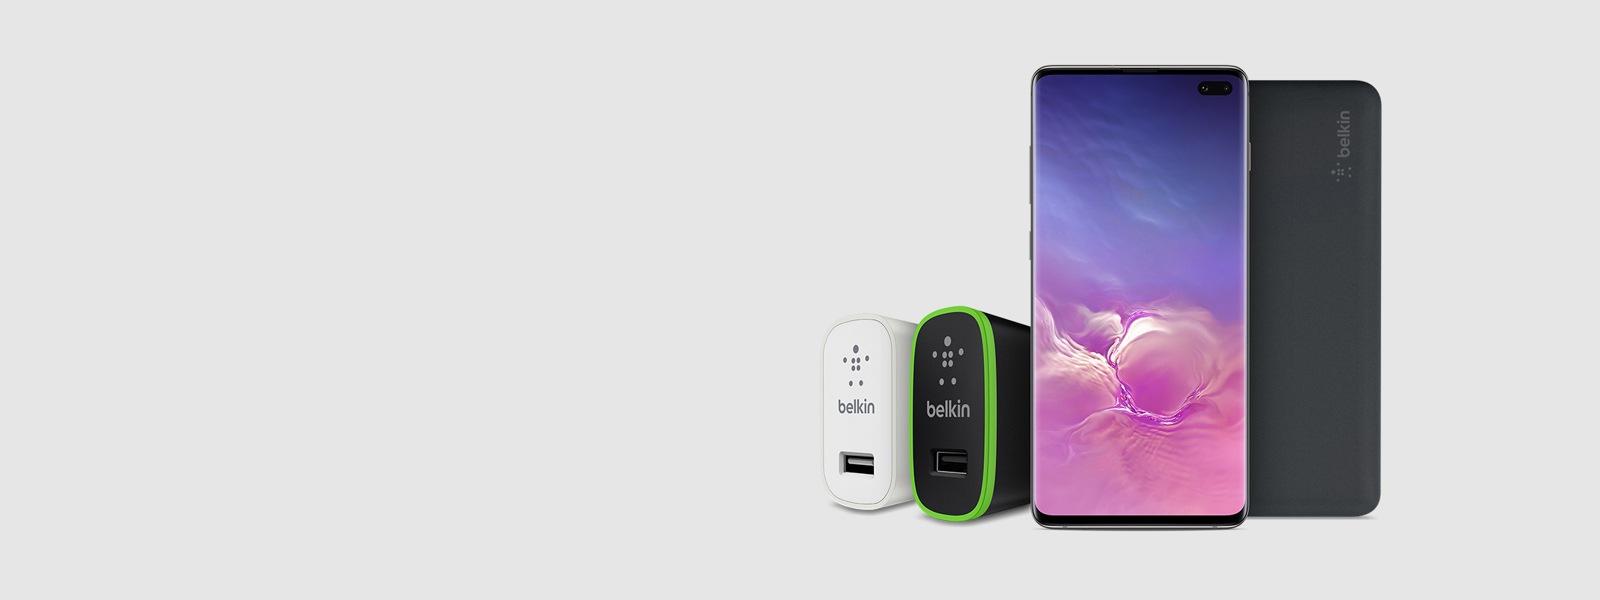 Belkin accessories and Samsung Phones